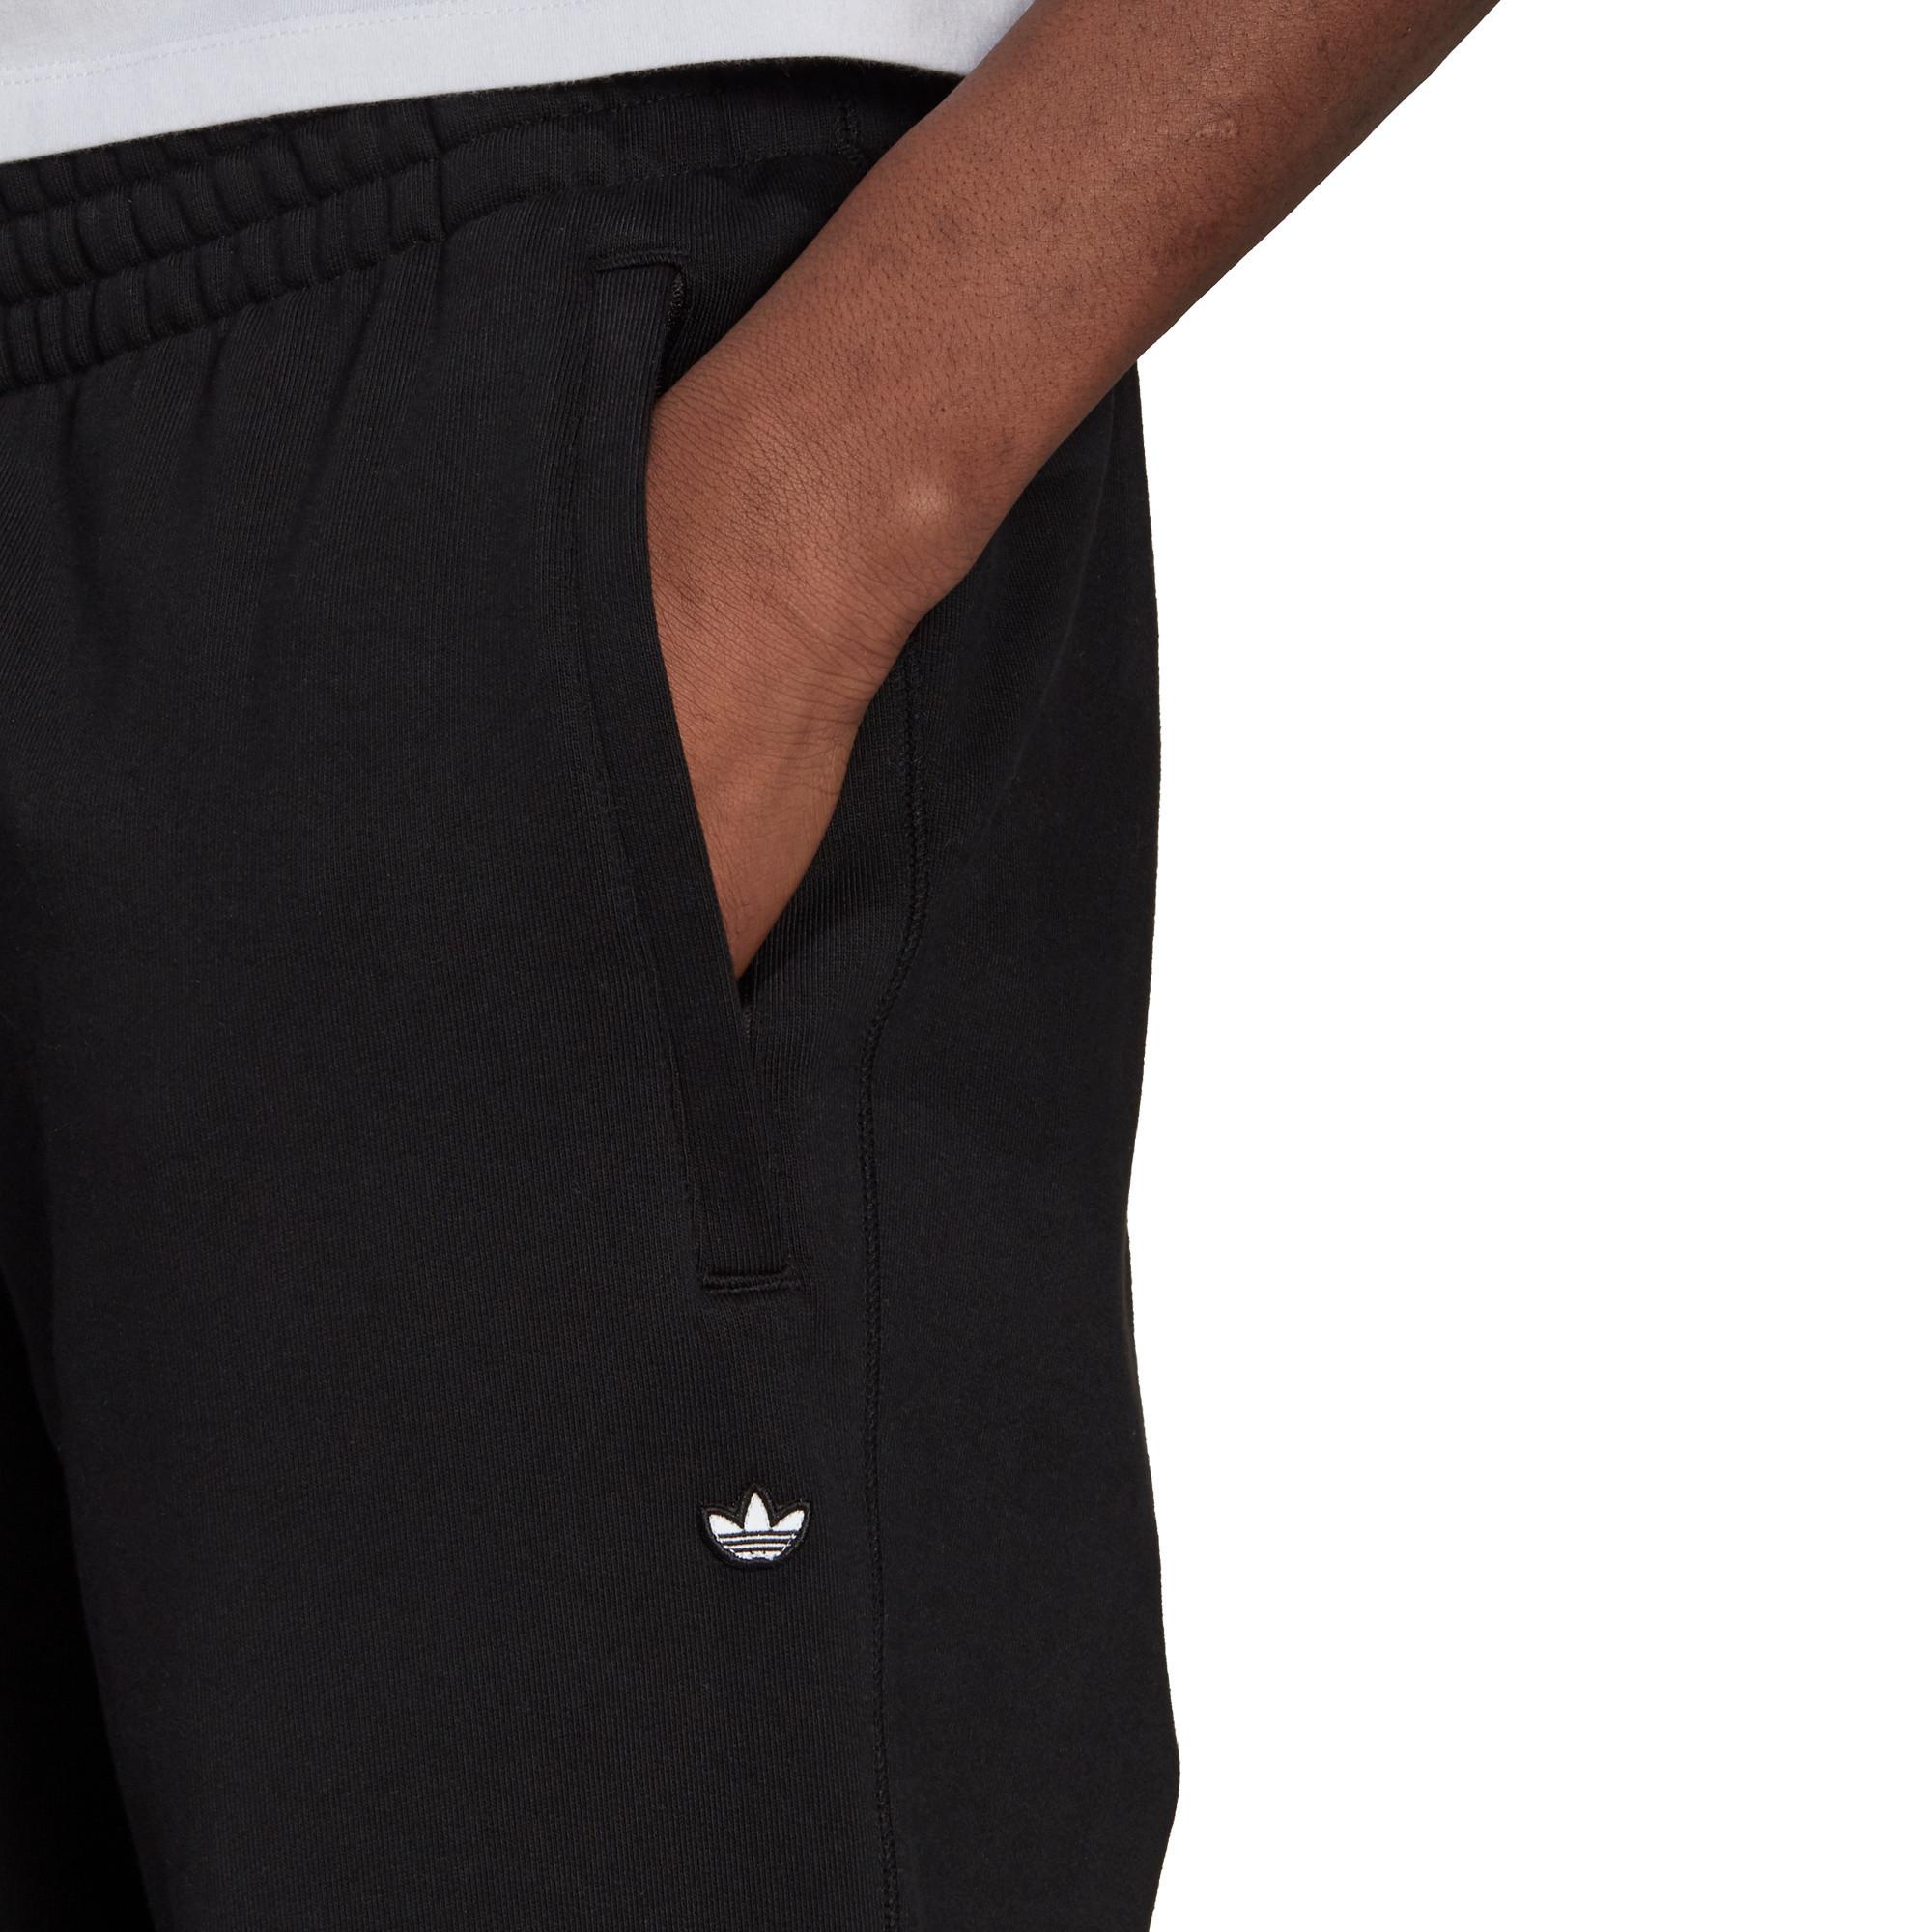 Pantaloni tuta adicolor Premium, Nero, large image number 2